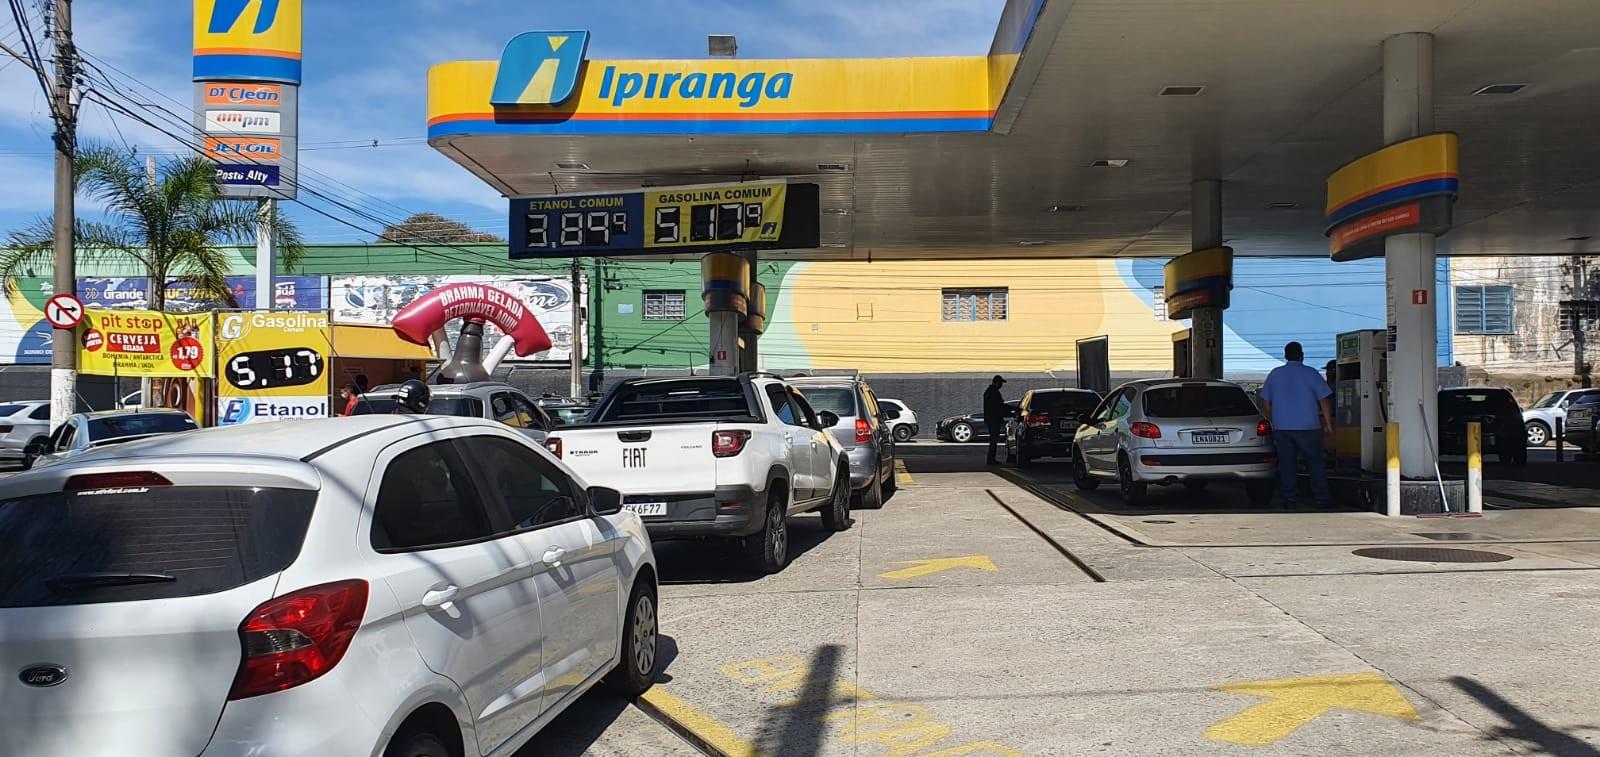 Gasolina a R$ 5,18 causa fila em posto de combustível de Taubaté